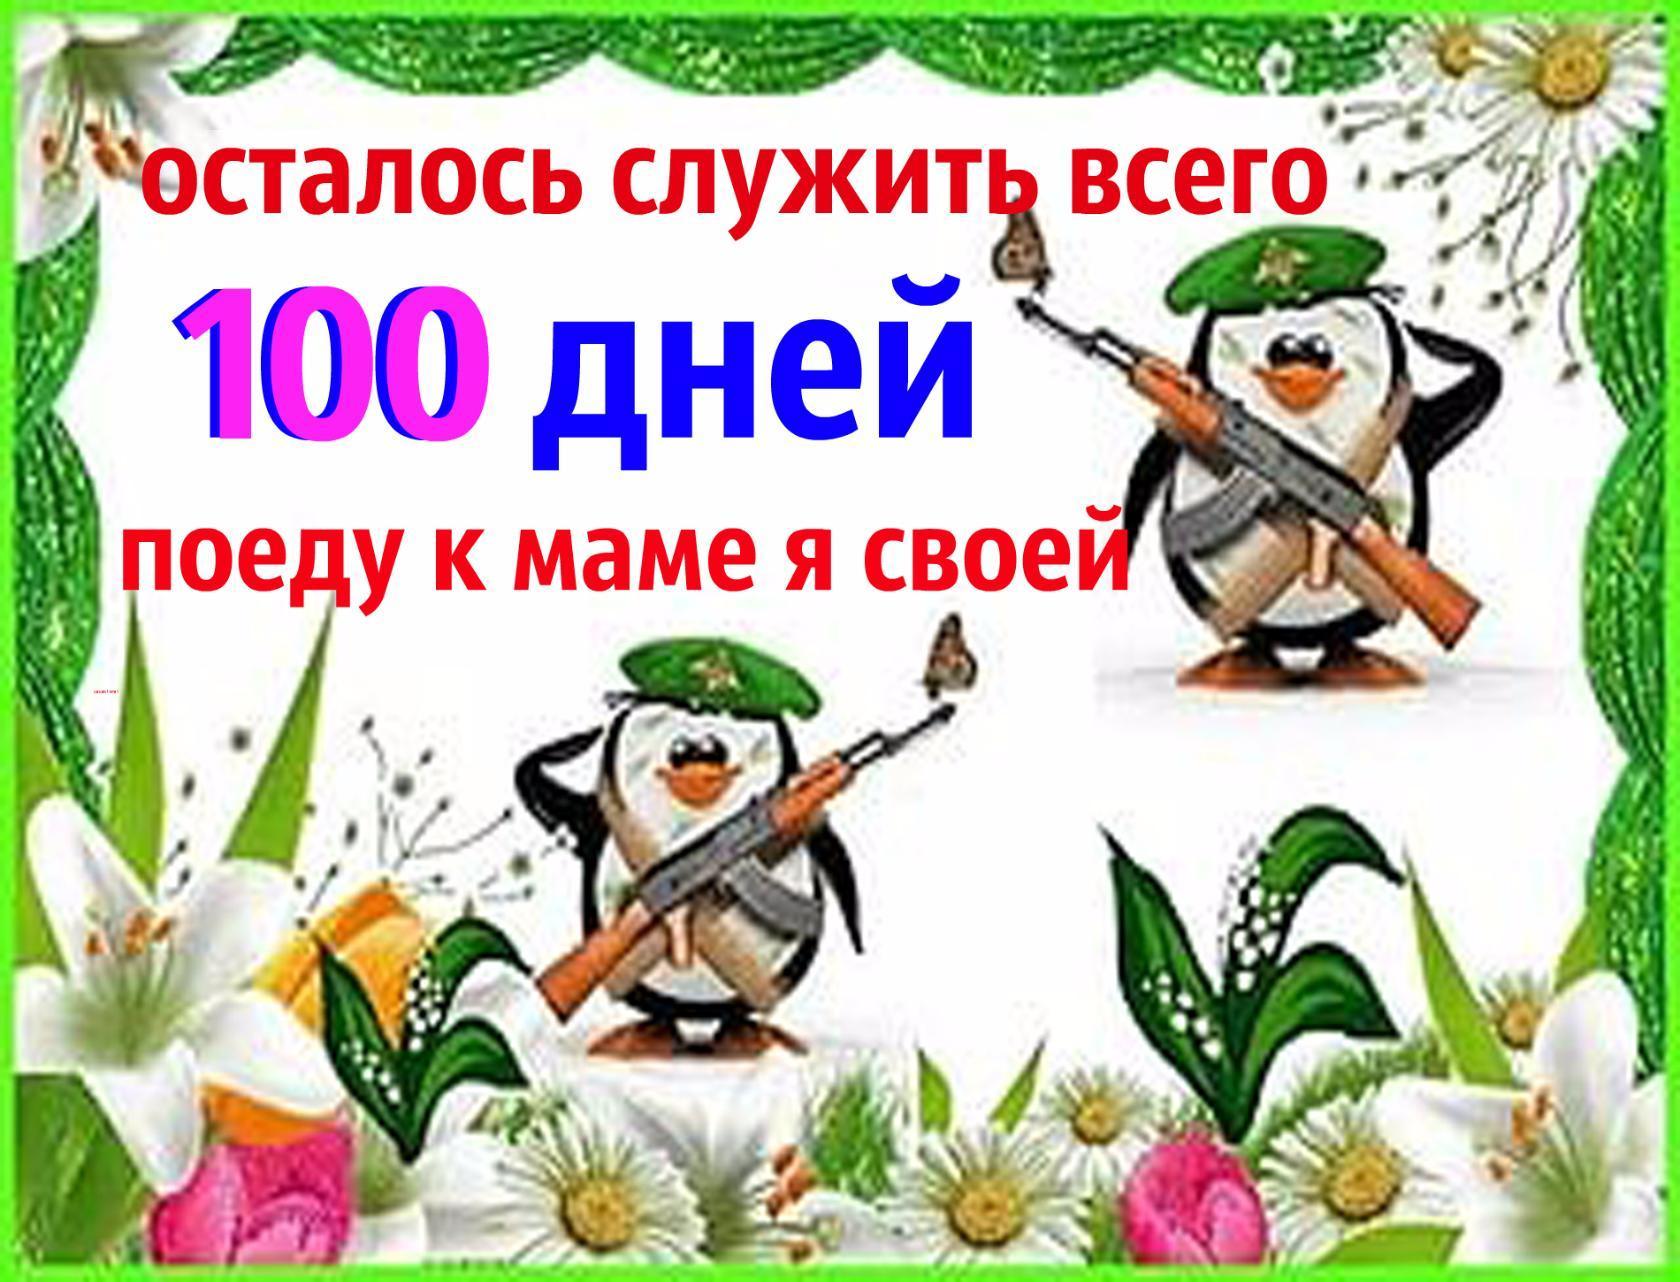 http://s4.uploads.ru/0mDLn.jpg